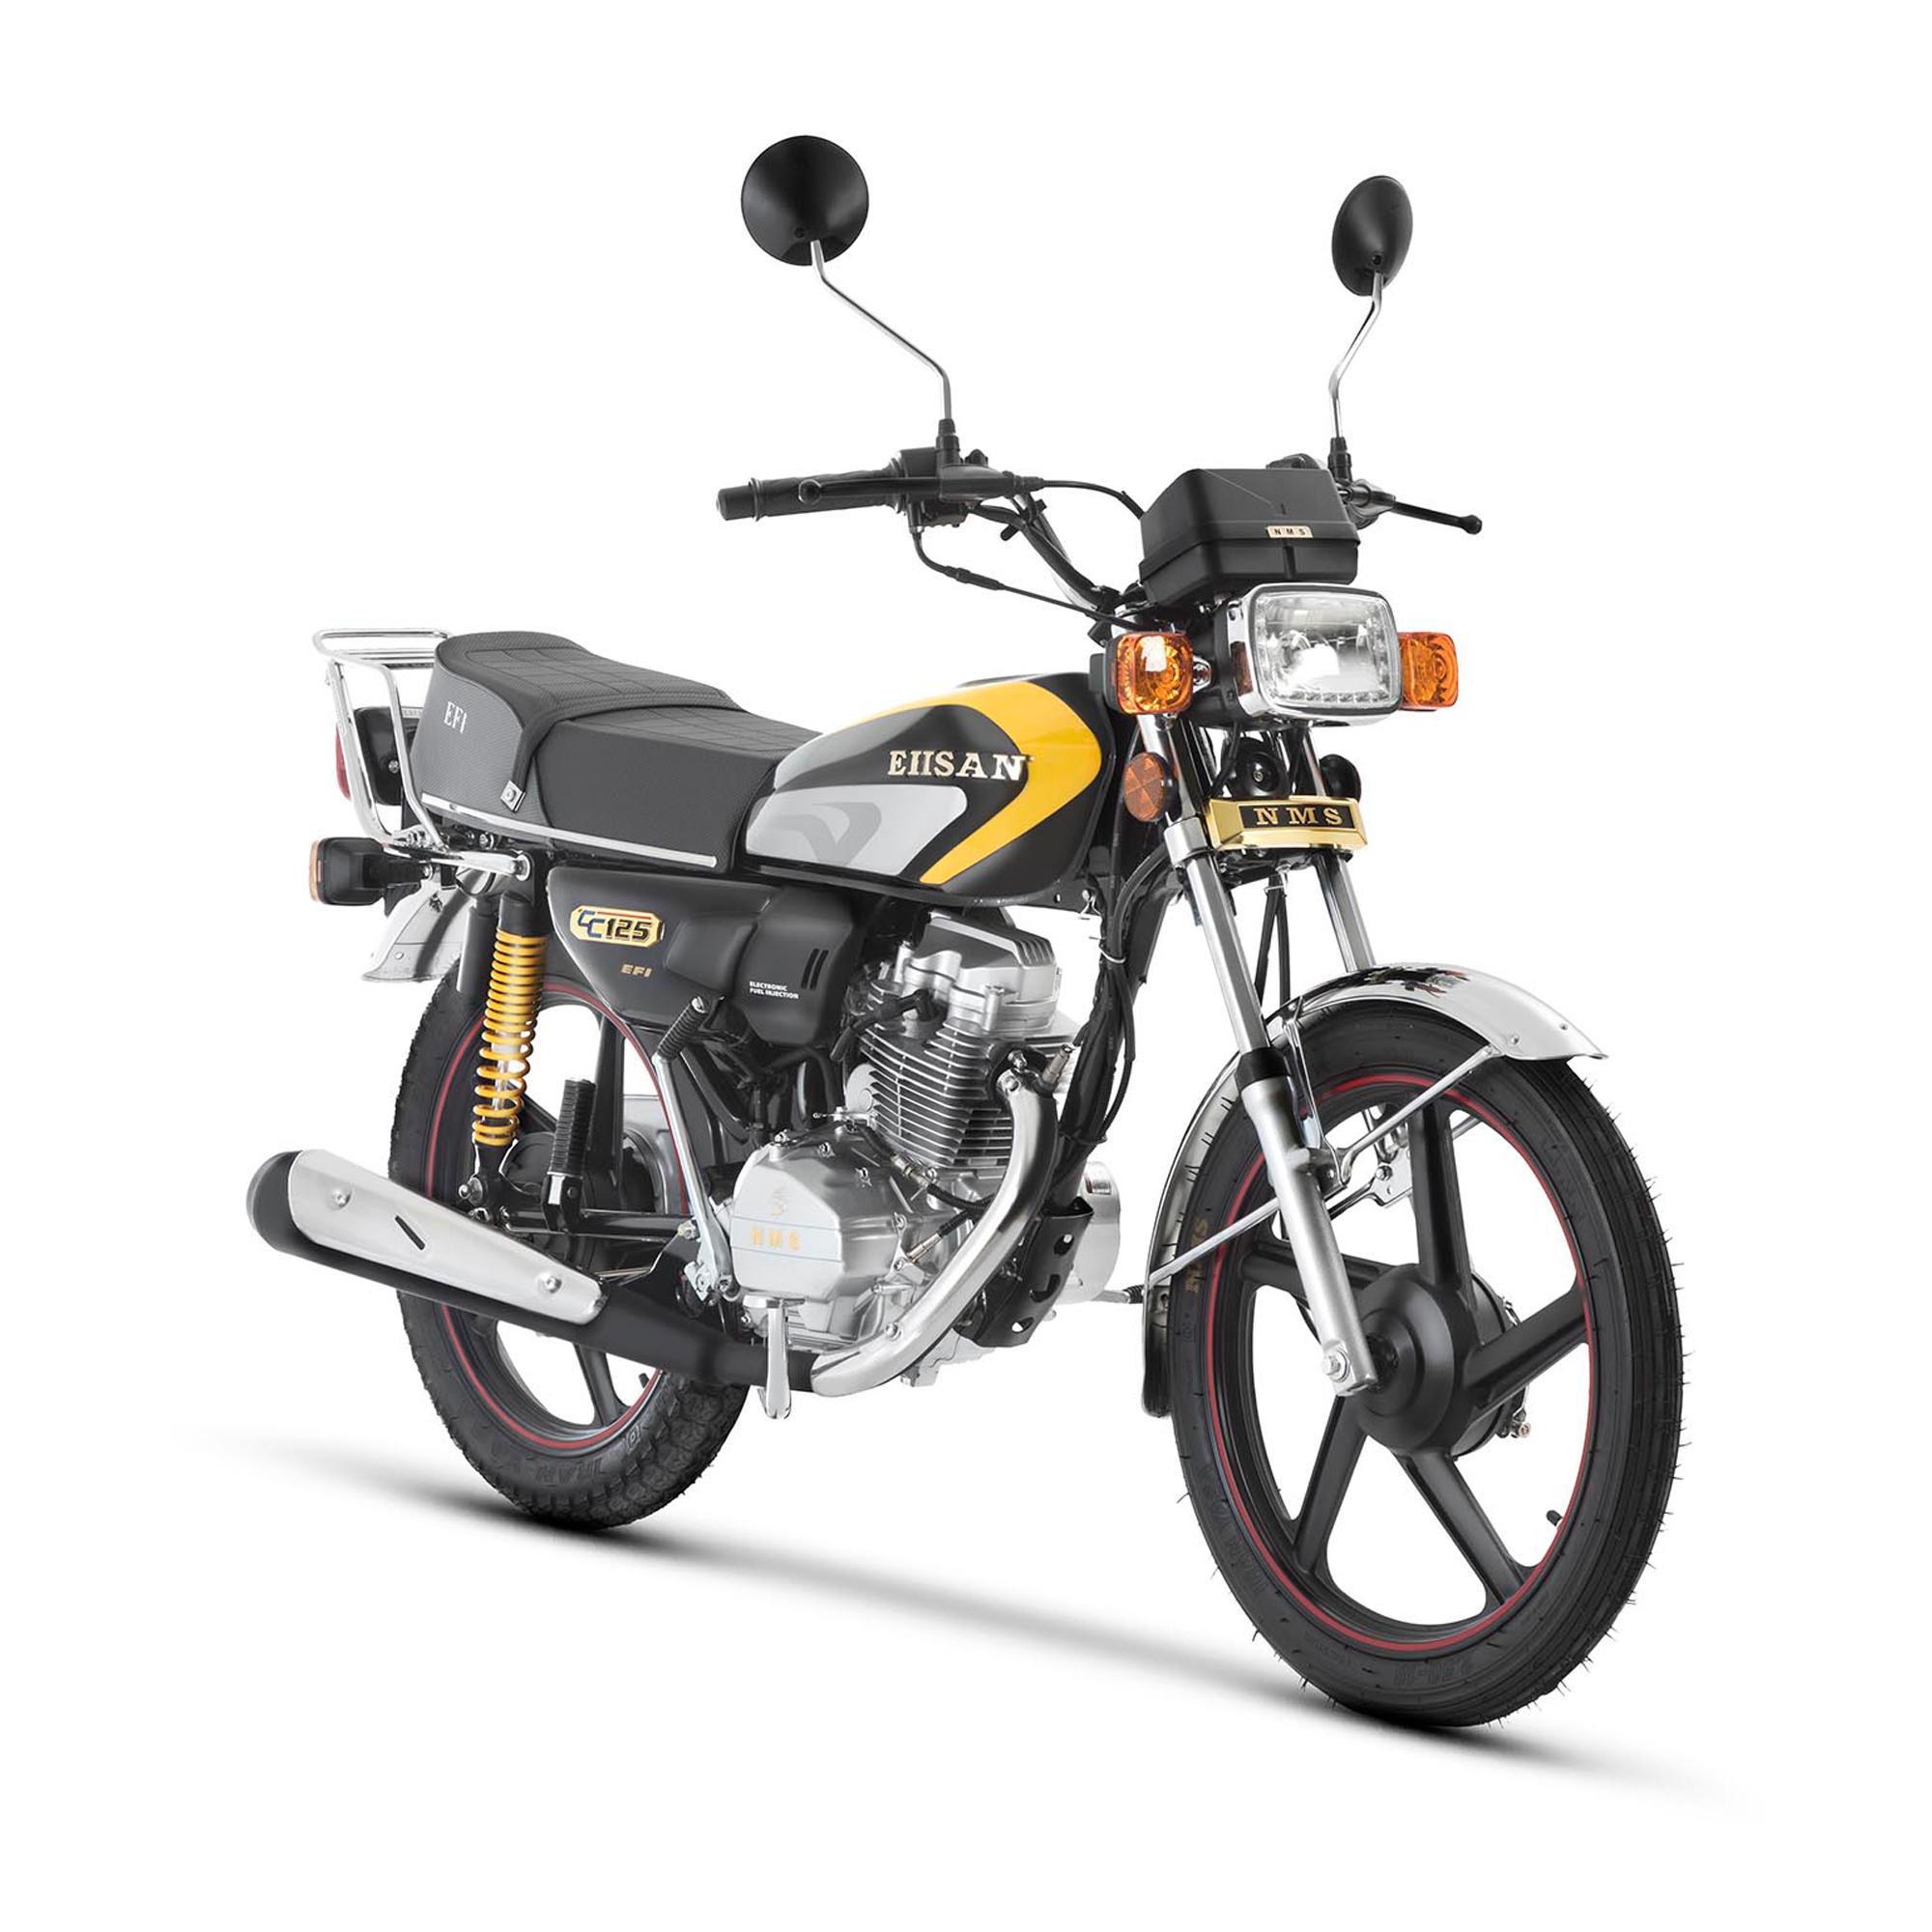 موتور سیکلت احسان مدل 125 استارتی